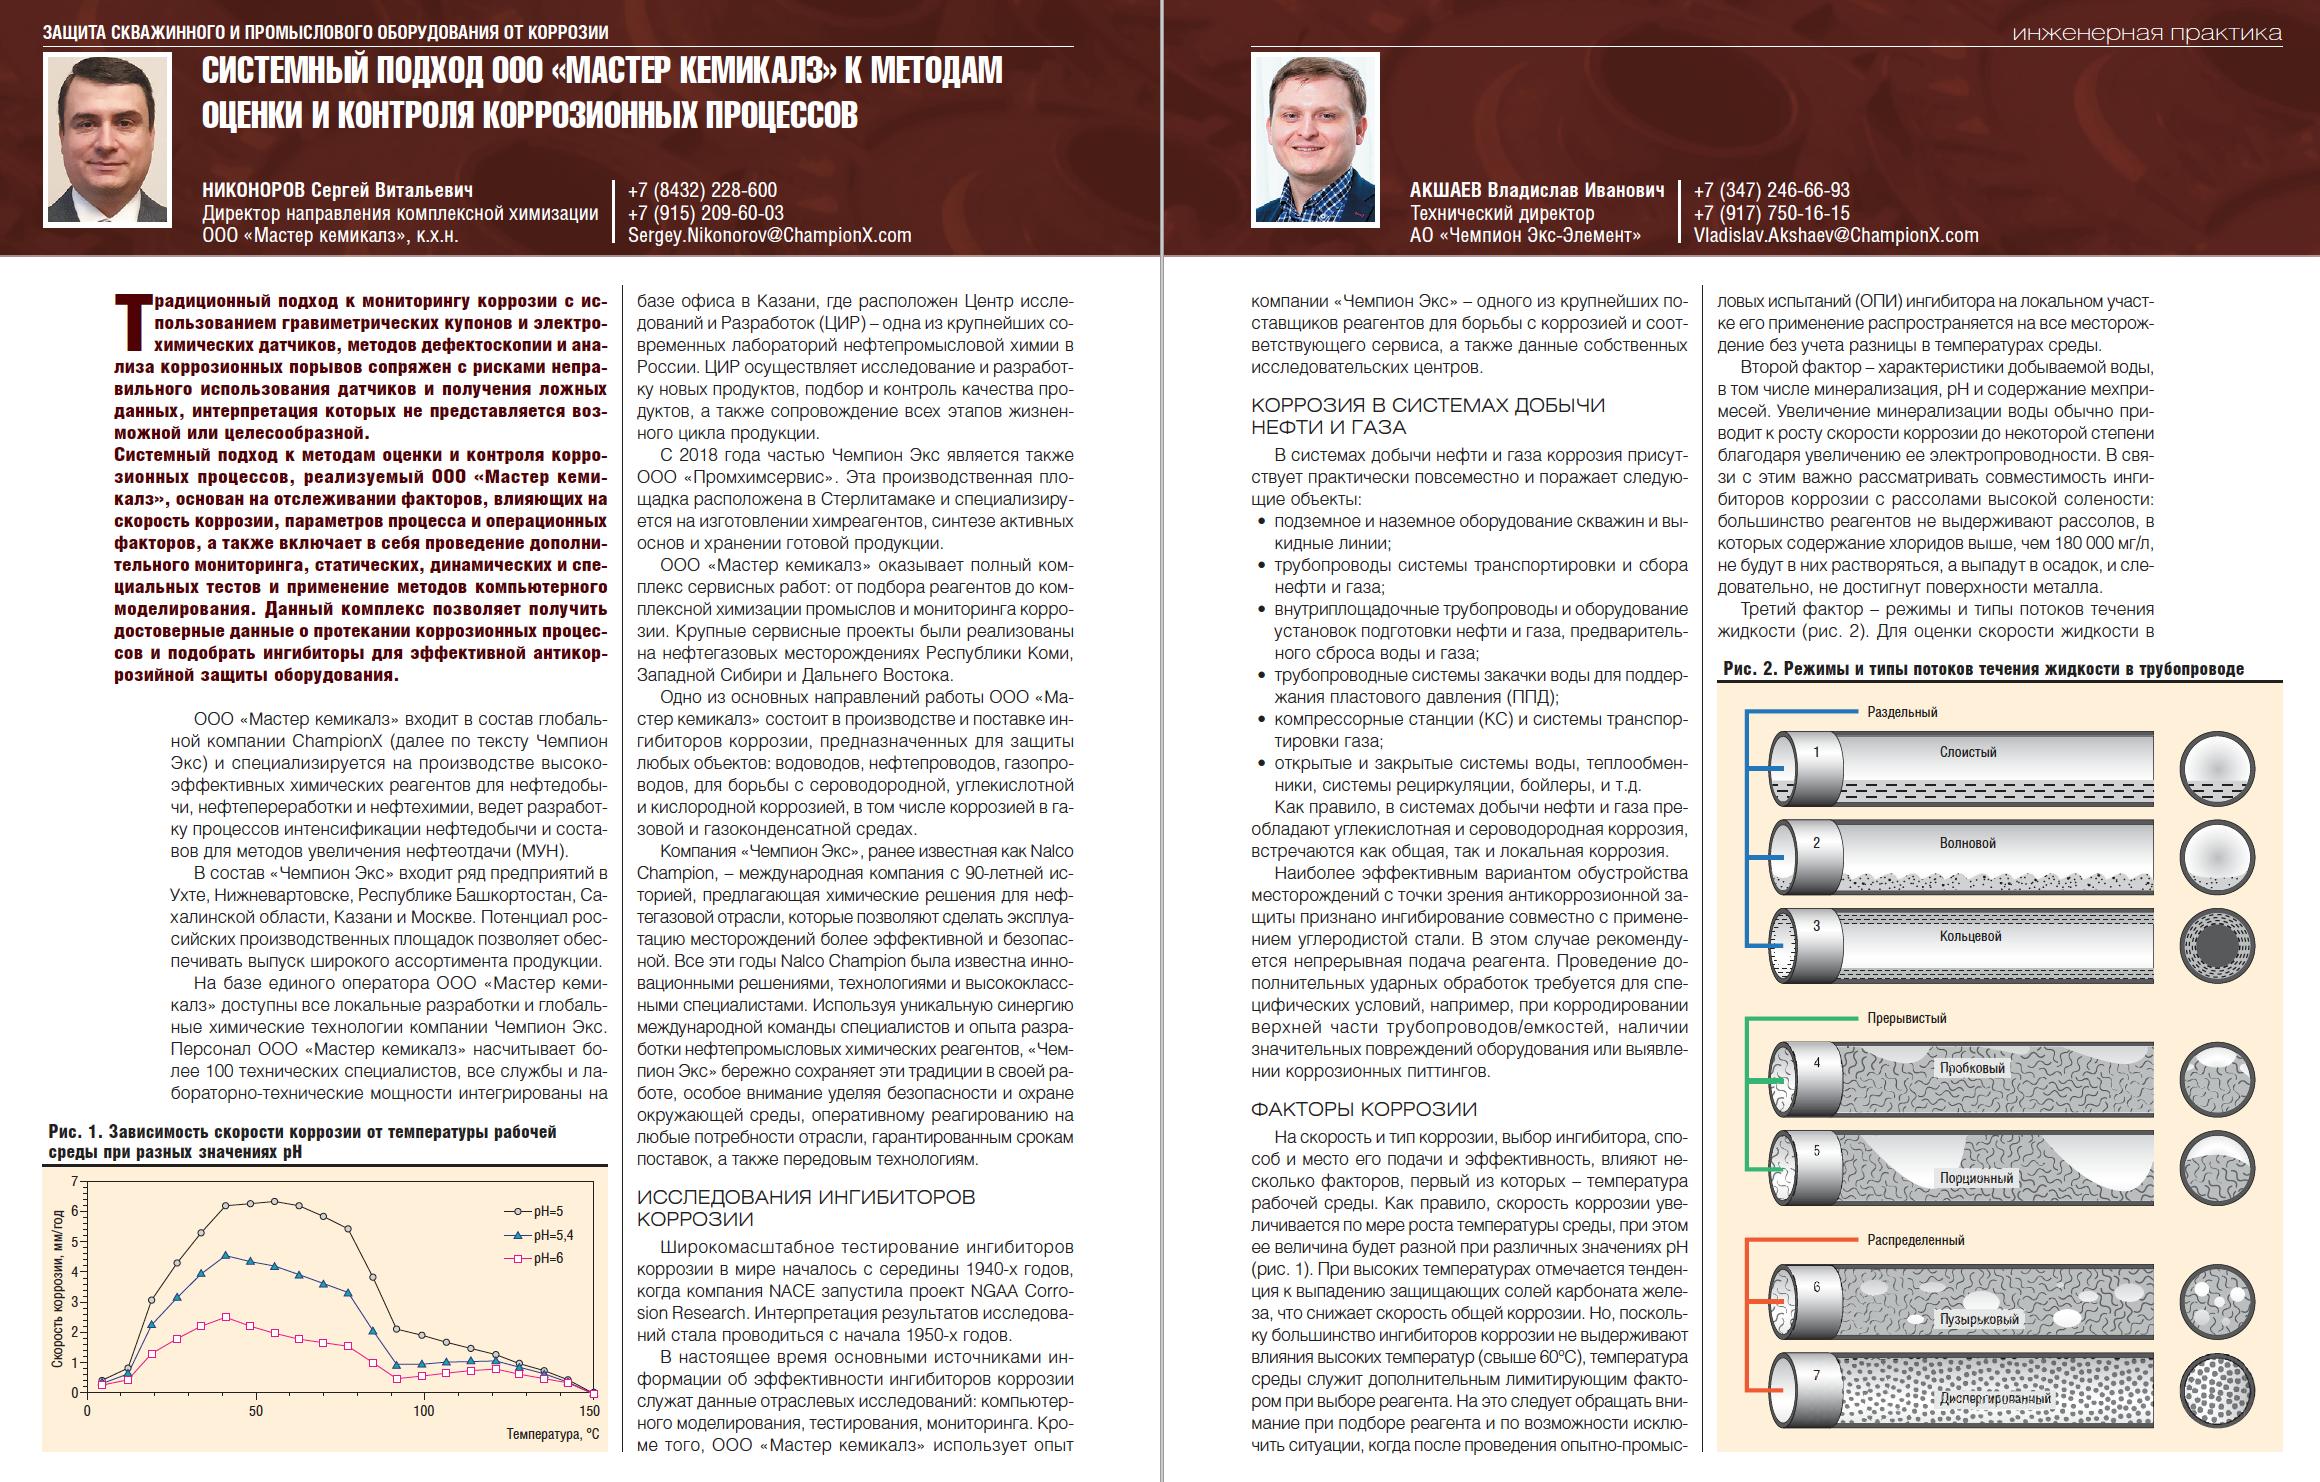 33561 Системный подход ООО «Мастер кемикалз» к методам оценки и контроля коррозионных процессов